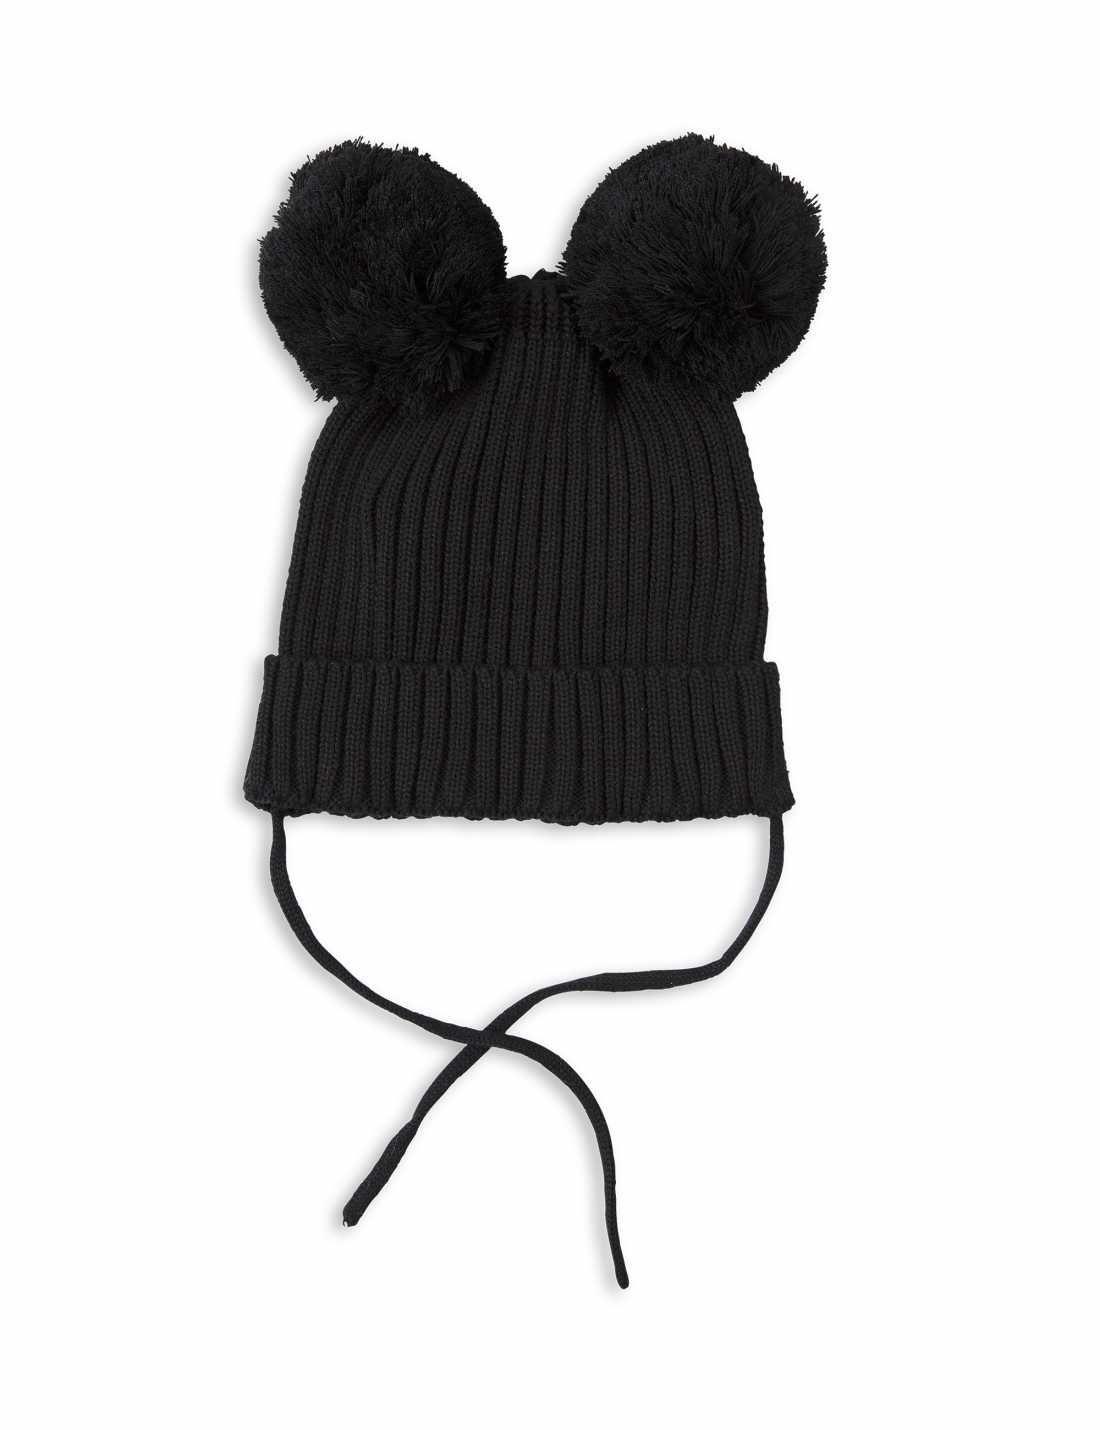 Mini Rodini ribbstickad och varm mössa i svart med garnbollar som öron. Kassisk och återkommande modell från mini rodini som är tillverkad i ekologisk bomull.